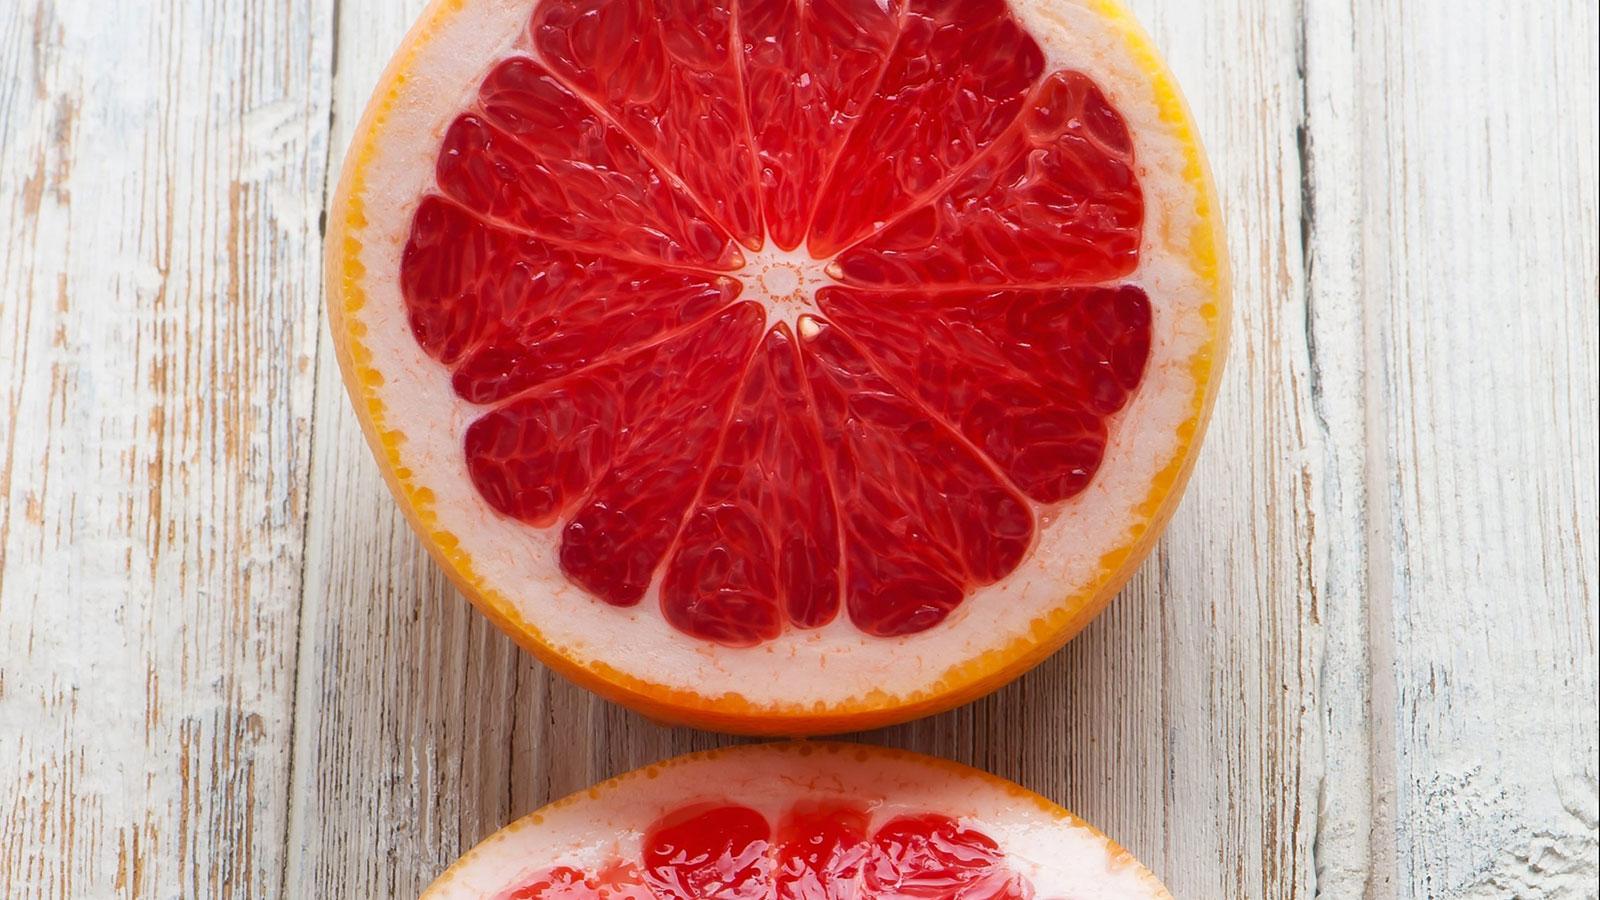 香りもダイエット効果あり?今話題のグレープフルーツダイエットの正しい効果と方法